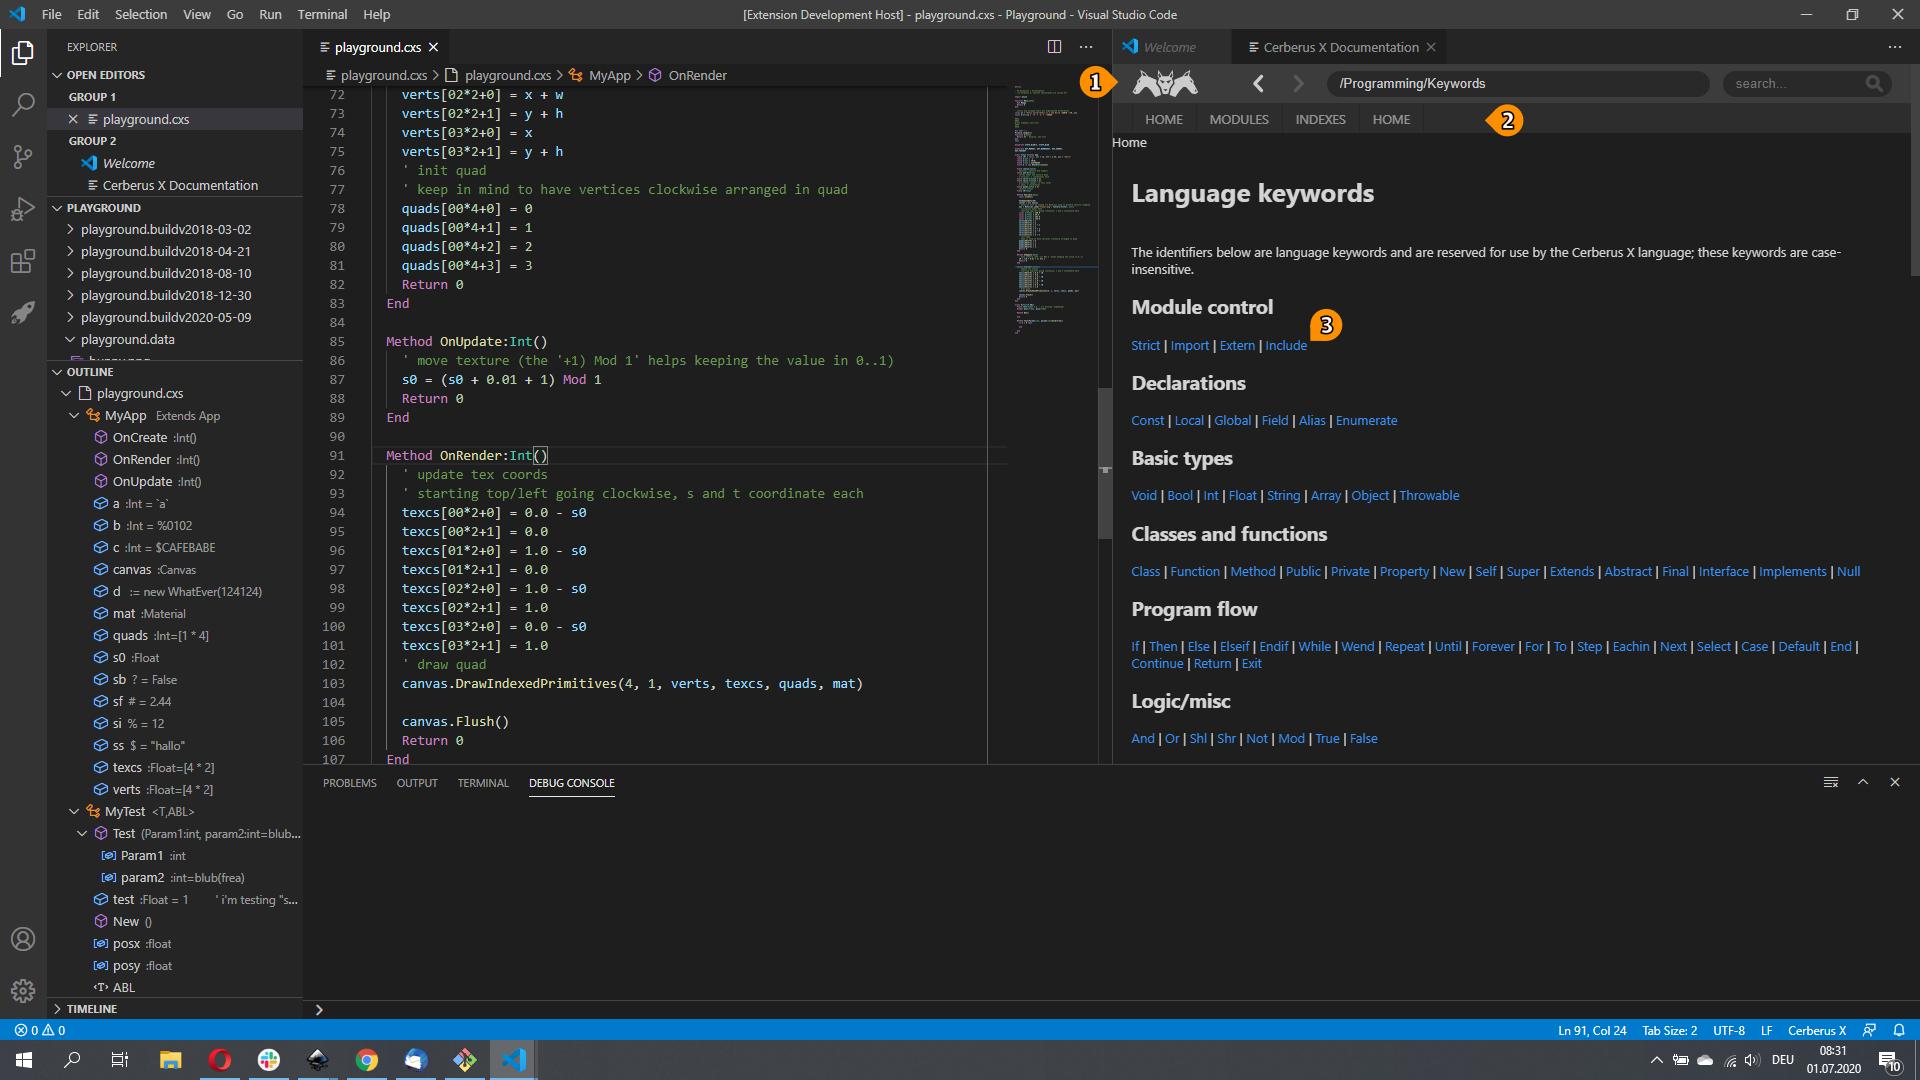 20200701-vscode_documentation.png